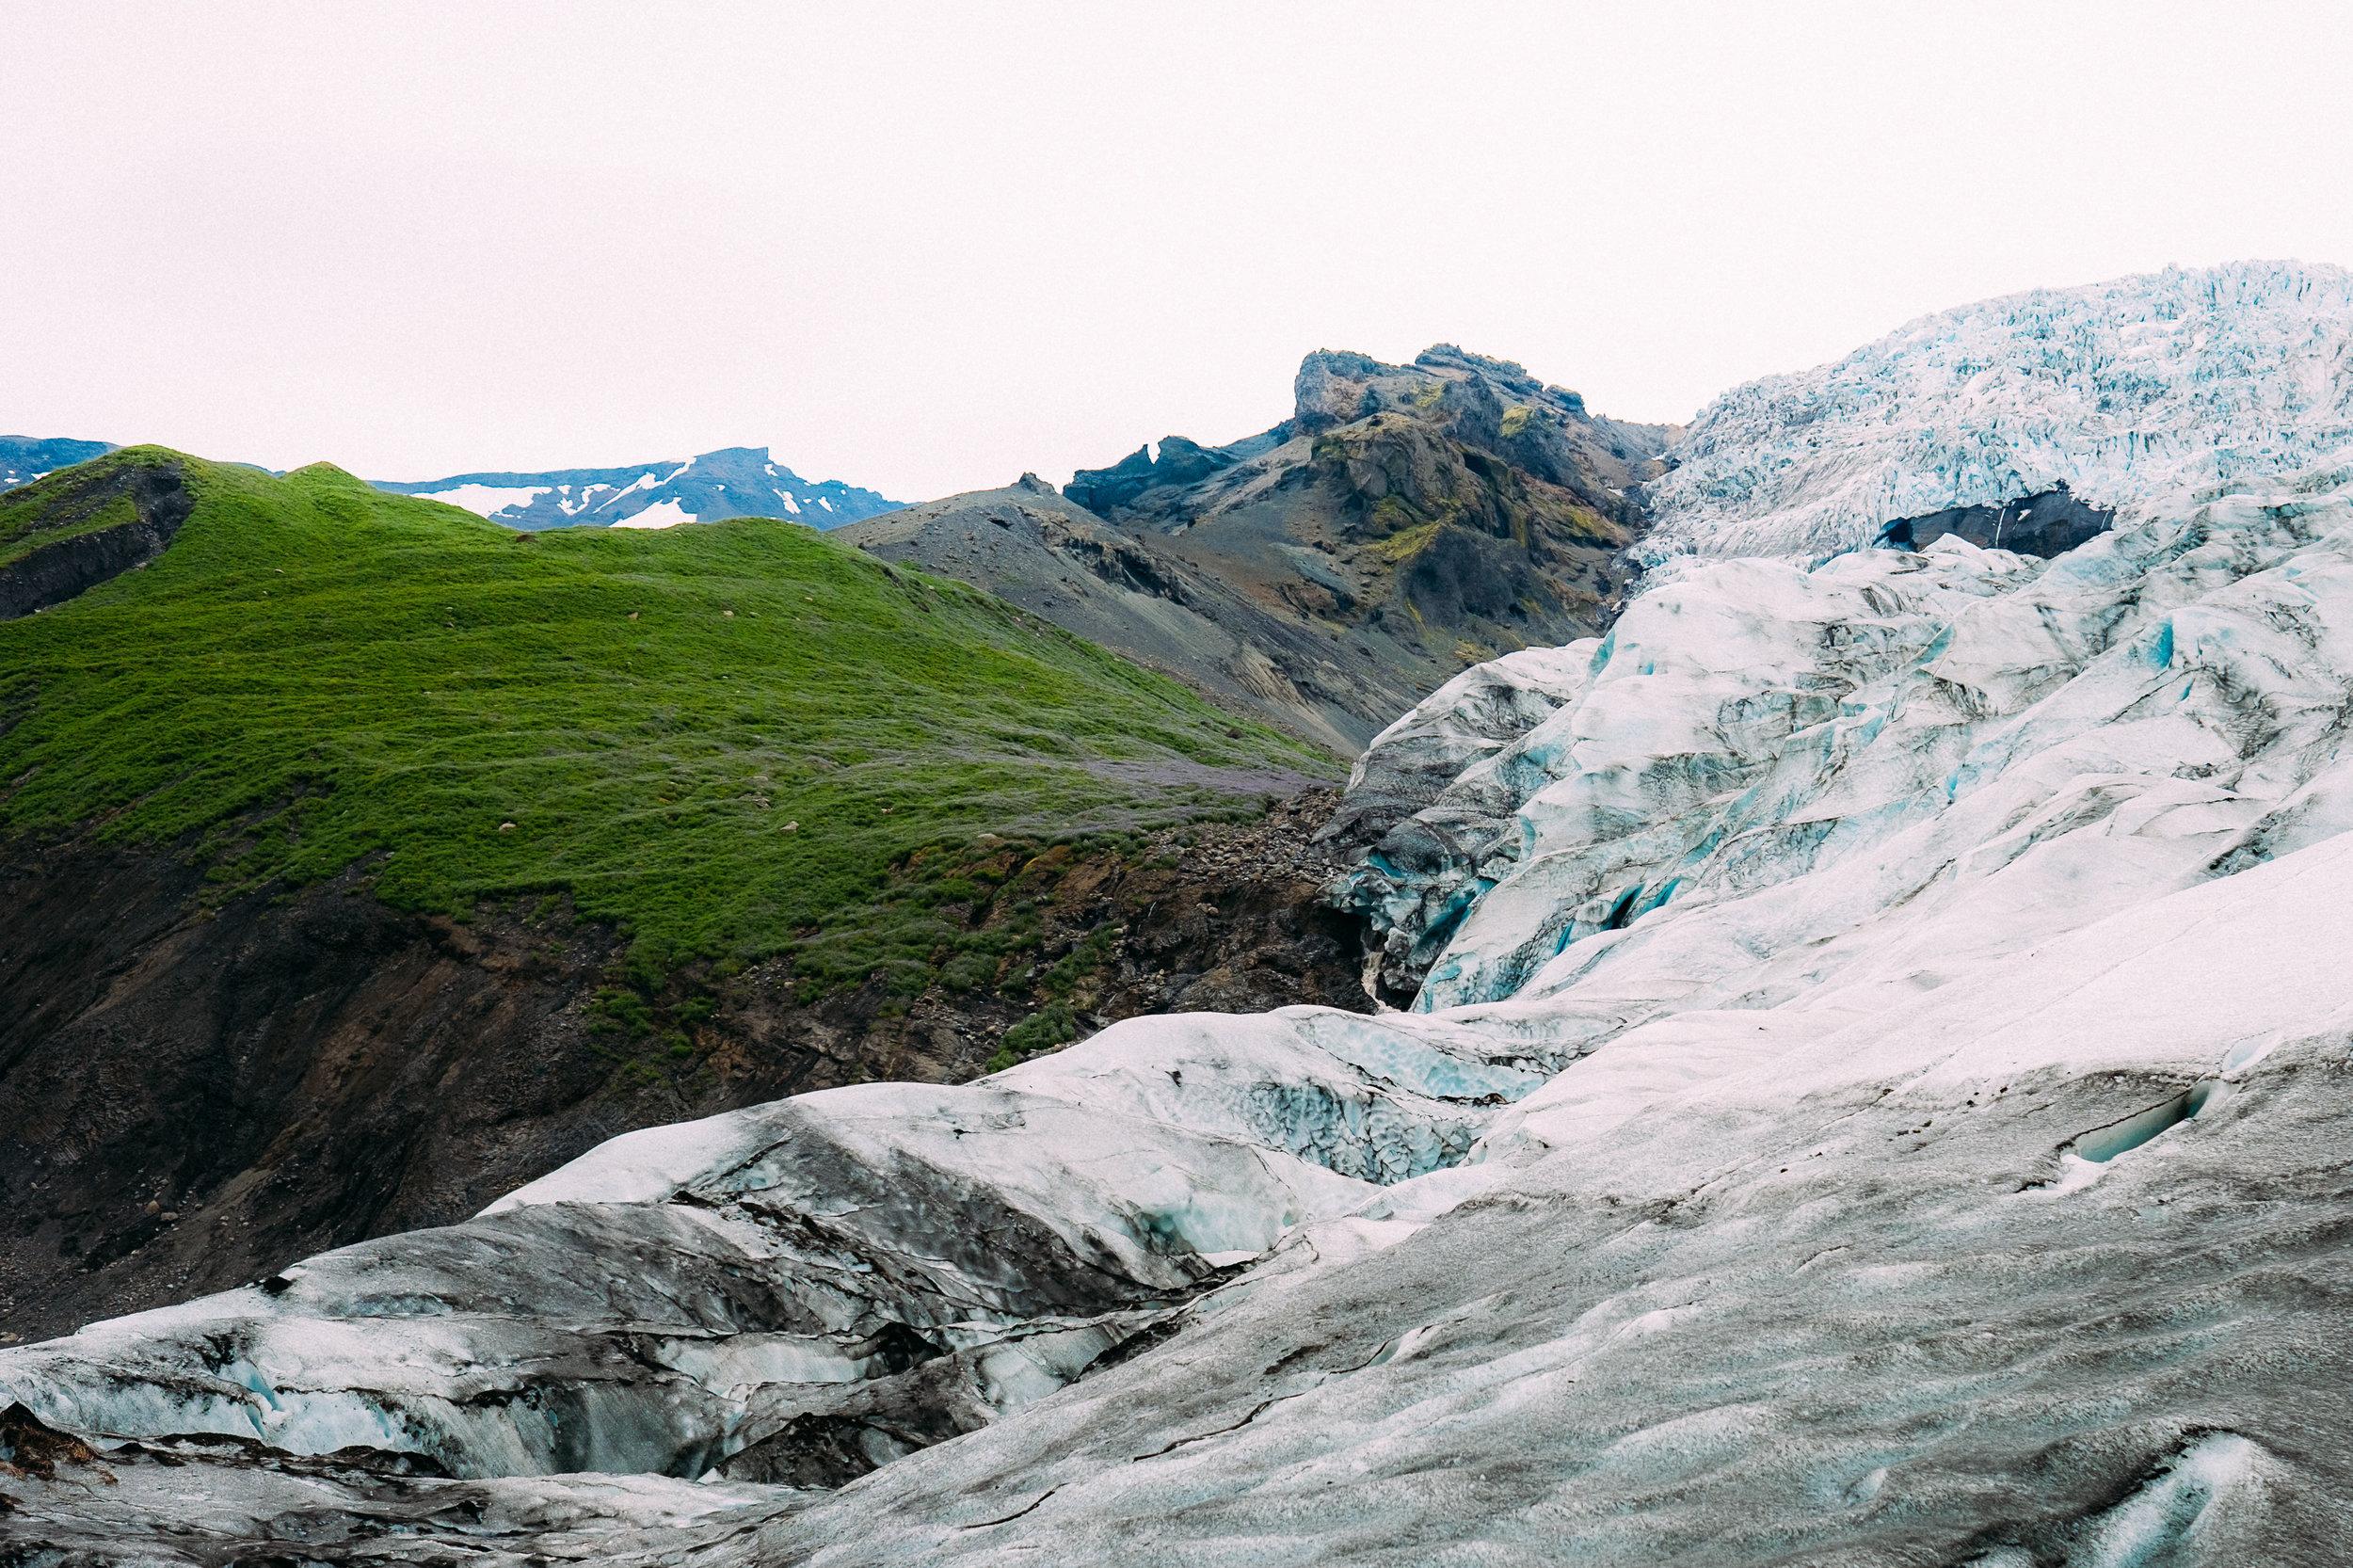 Falljökull Glacier Tongue -  [63.9763882,-16.7787548]  Fuji X-H1 + 23mm 1.4 lens